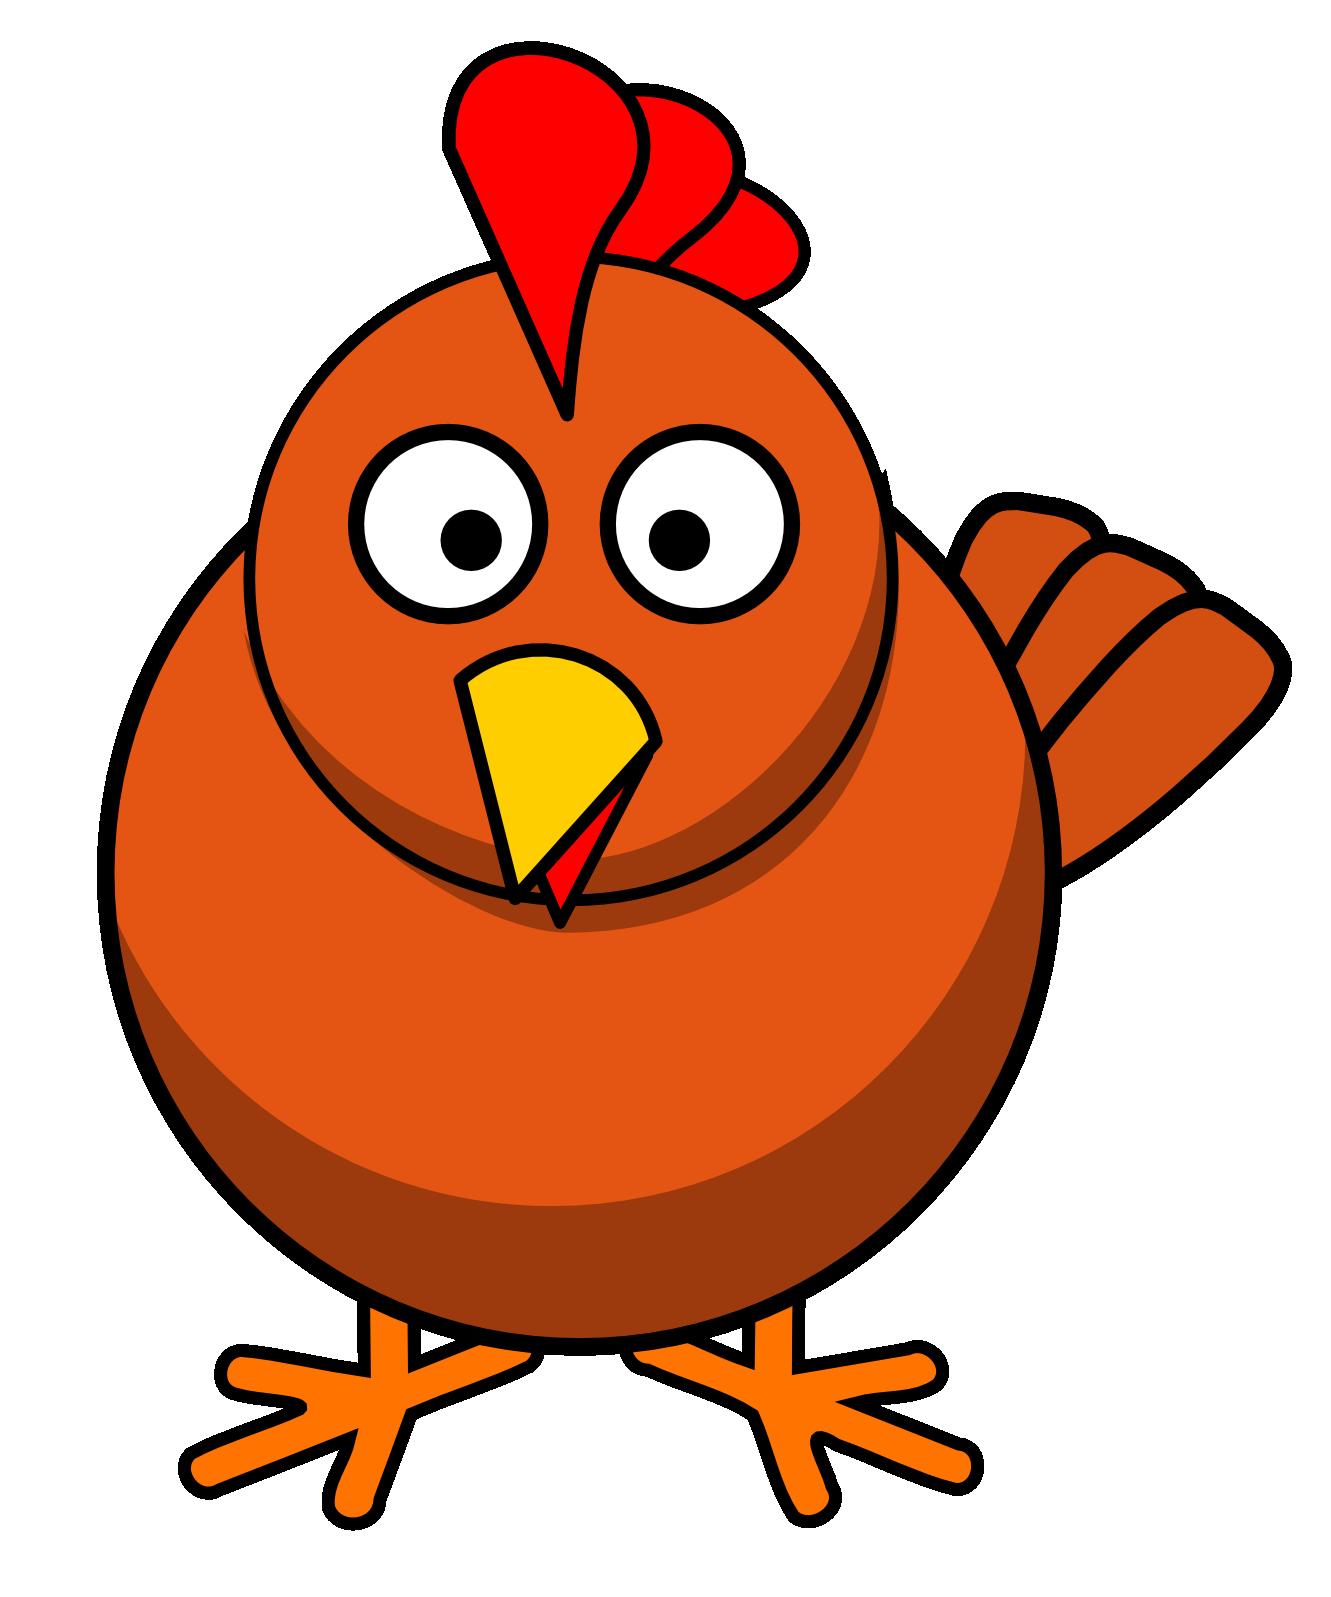 Chicken clipart, Cute chicken